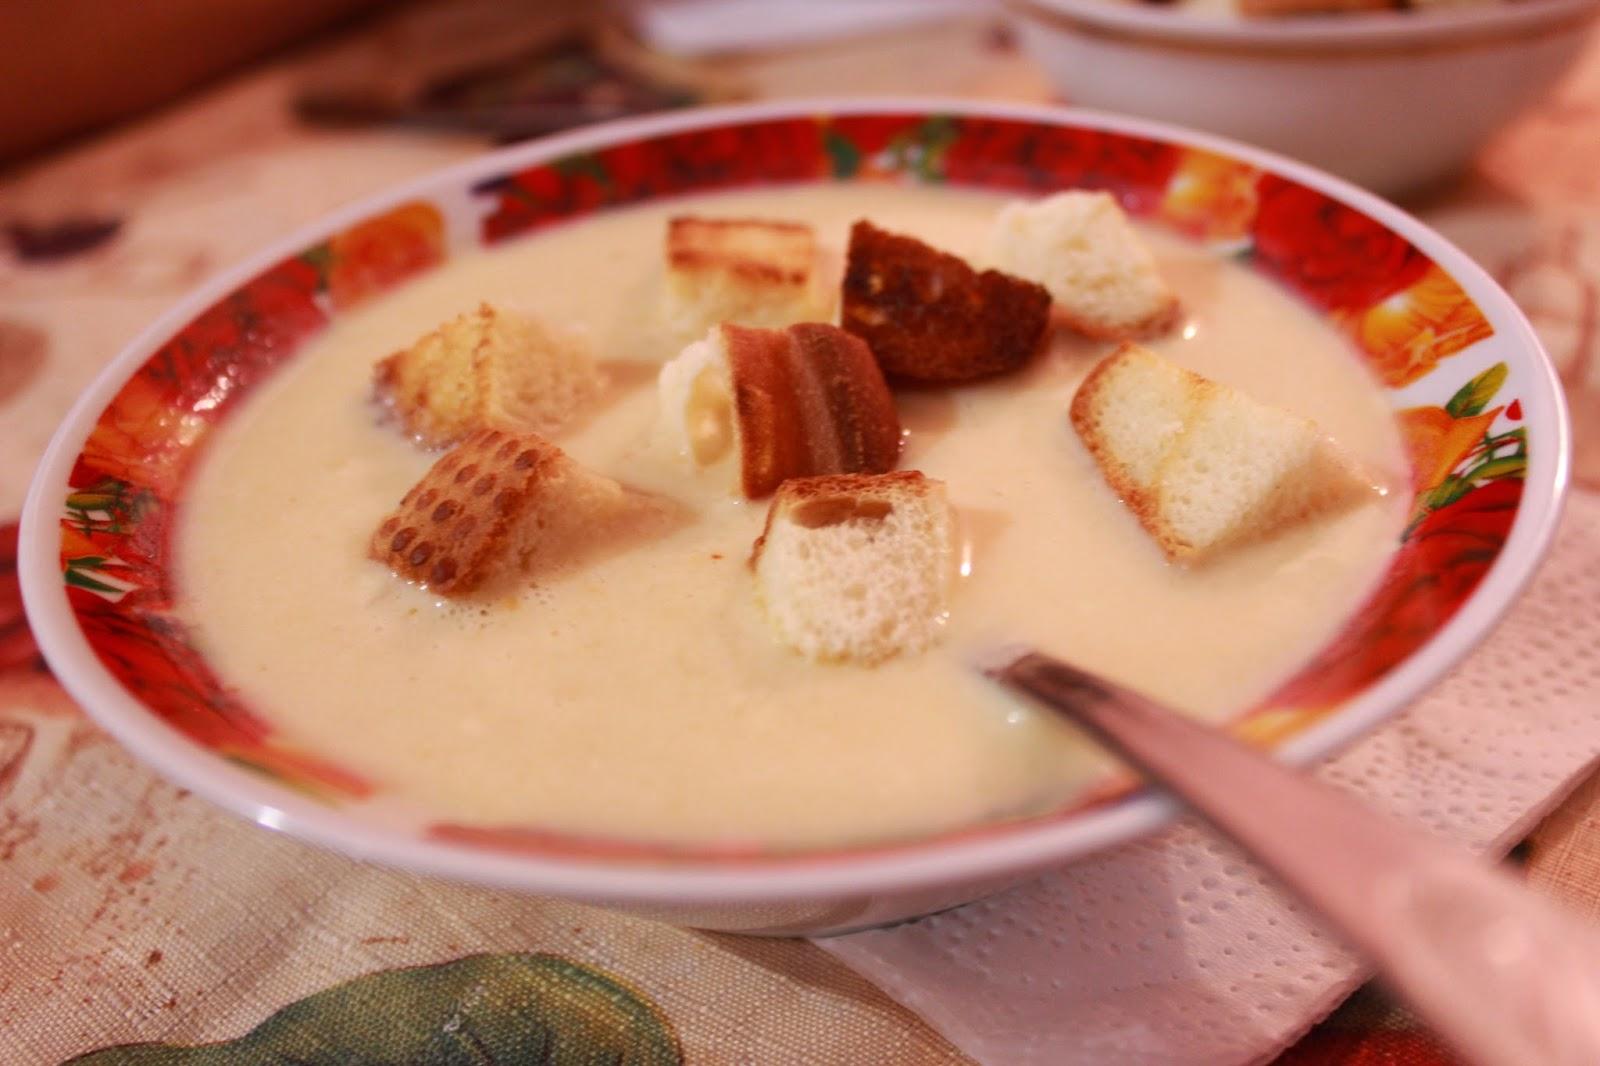 французский луковый суп, вкусный рецепт, быстро и вкусно,